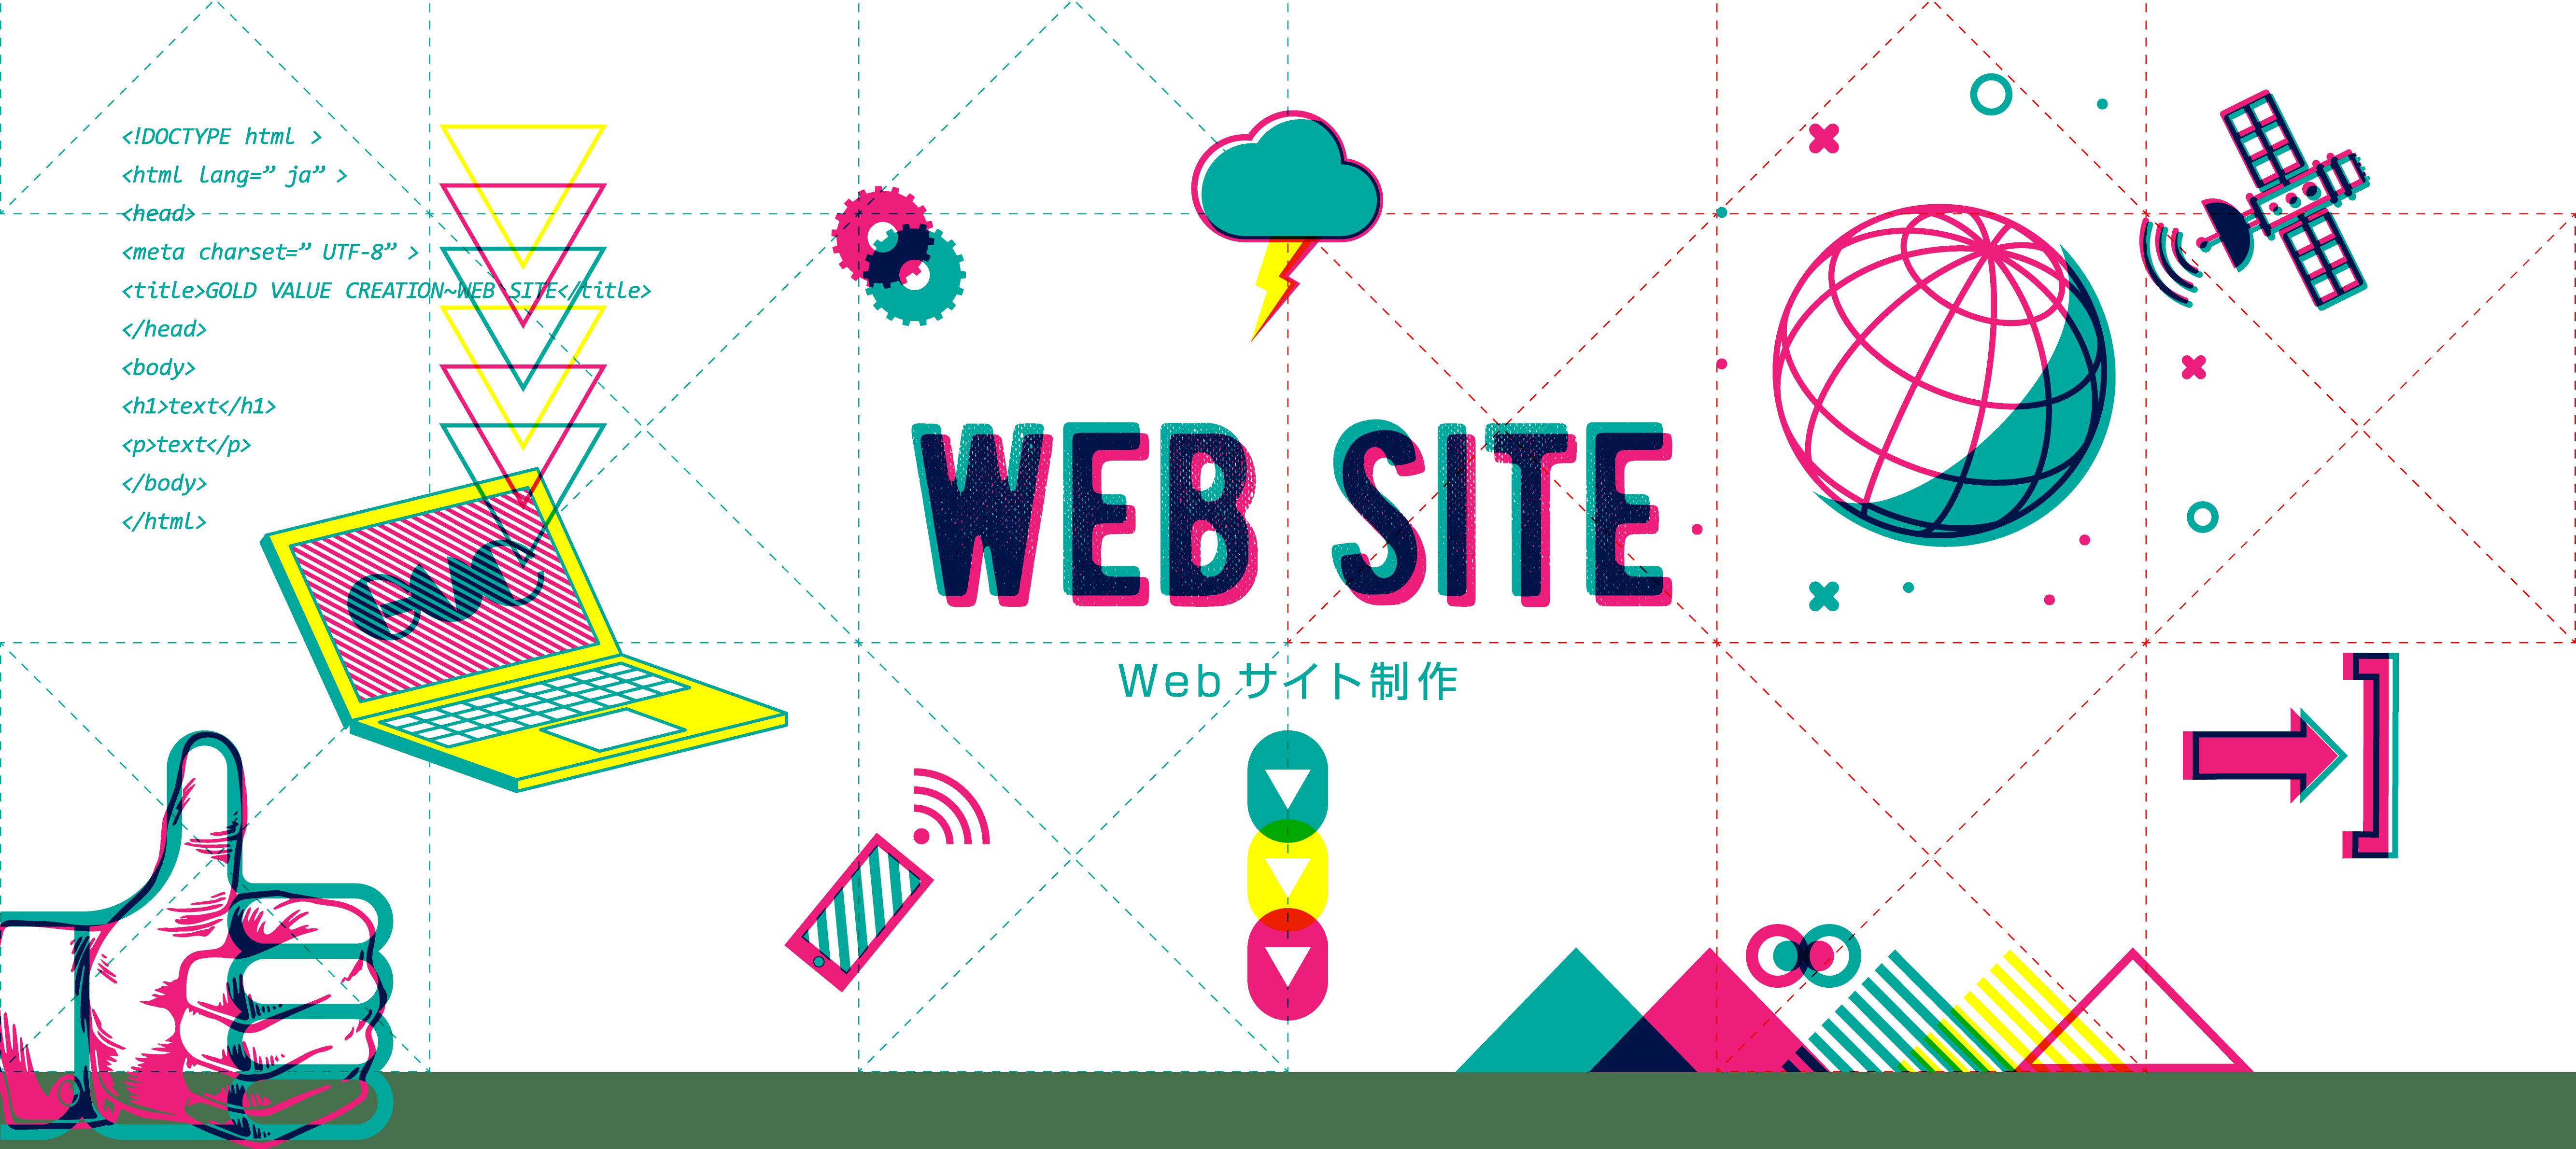 <p>効果の出るWebサイト制作 私たちが提供するWebサイト制作は、作って終わりではなく作ってから始まりとなる、継続的な効果に繋がる成長型のWebサイト制作・運営を提供します。Webサイトを有るべき姿に導き「問合せ」「来店」 […]</p>